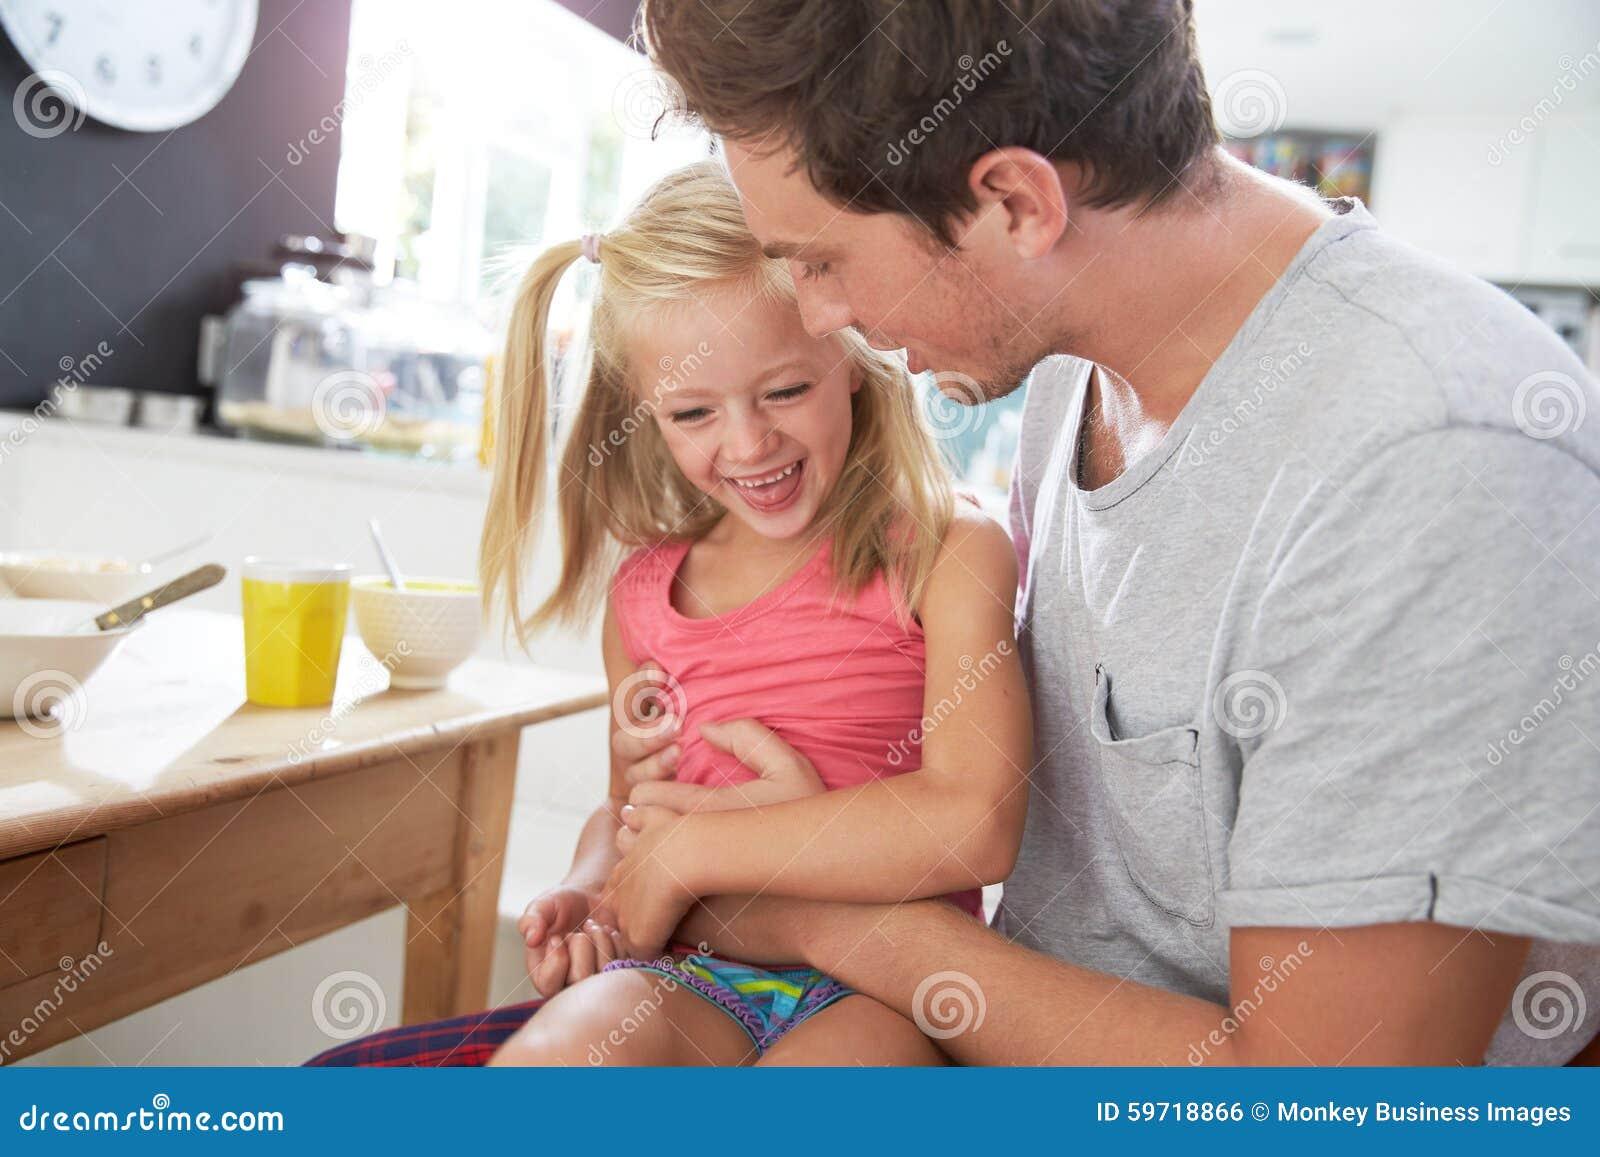 Hija de Sitting With Laughing del padre en la mesa de desayuno